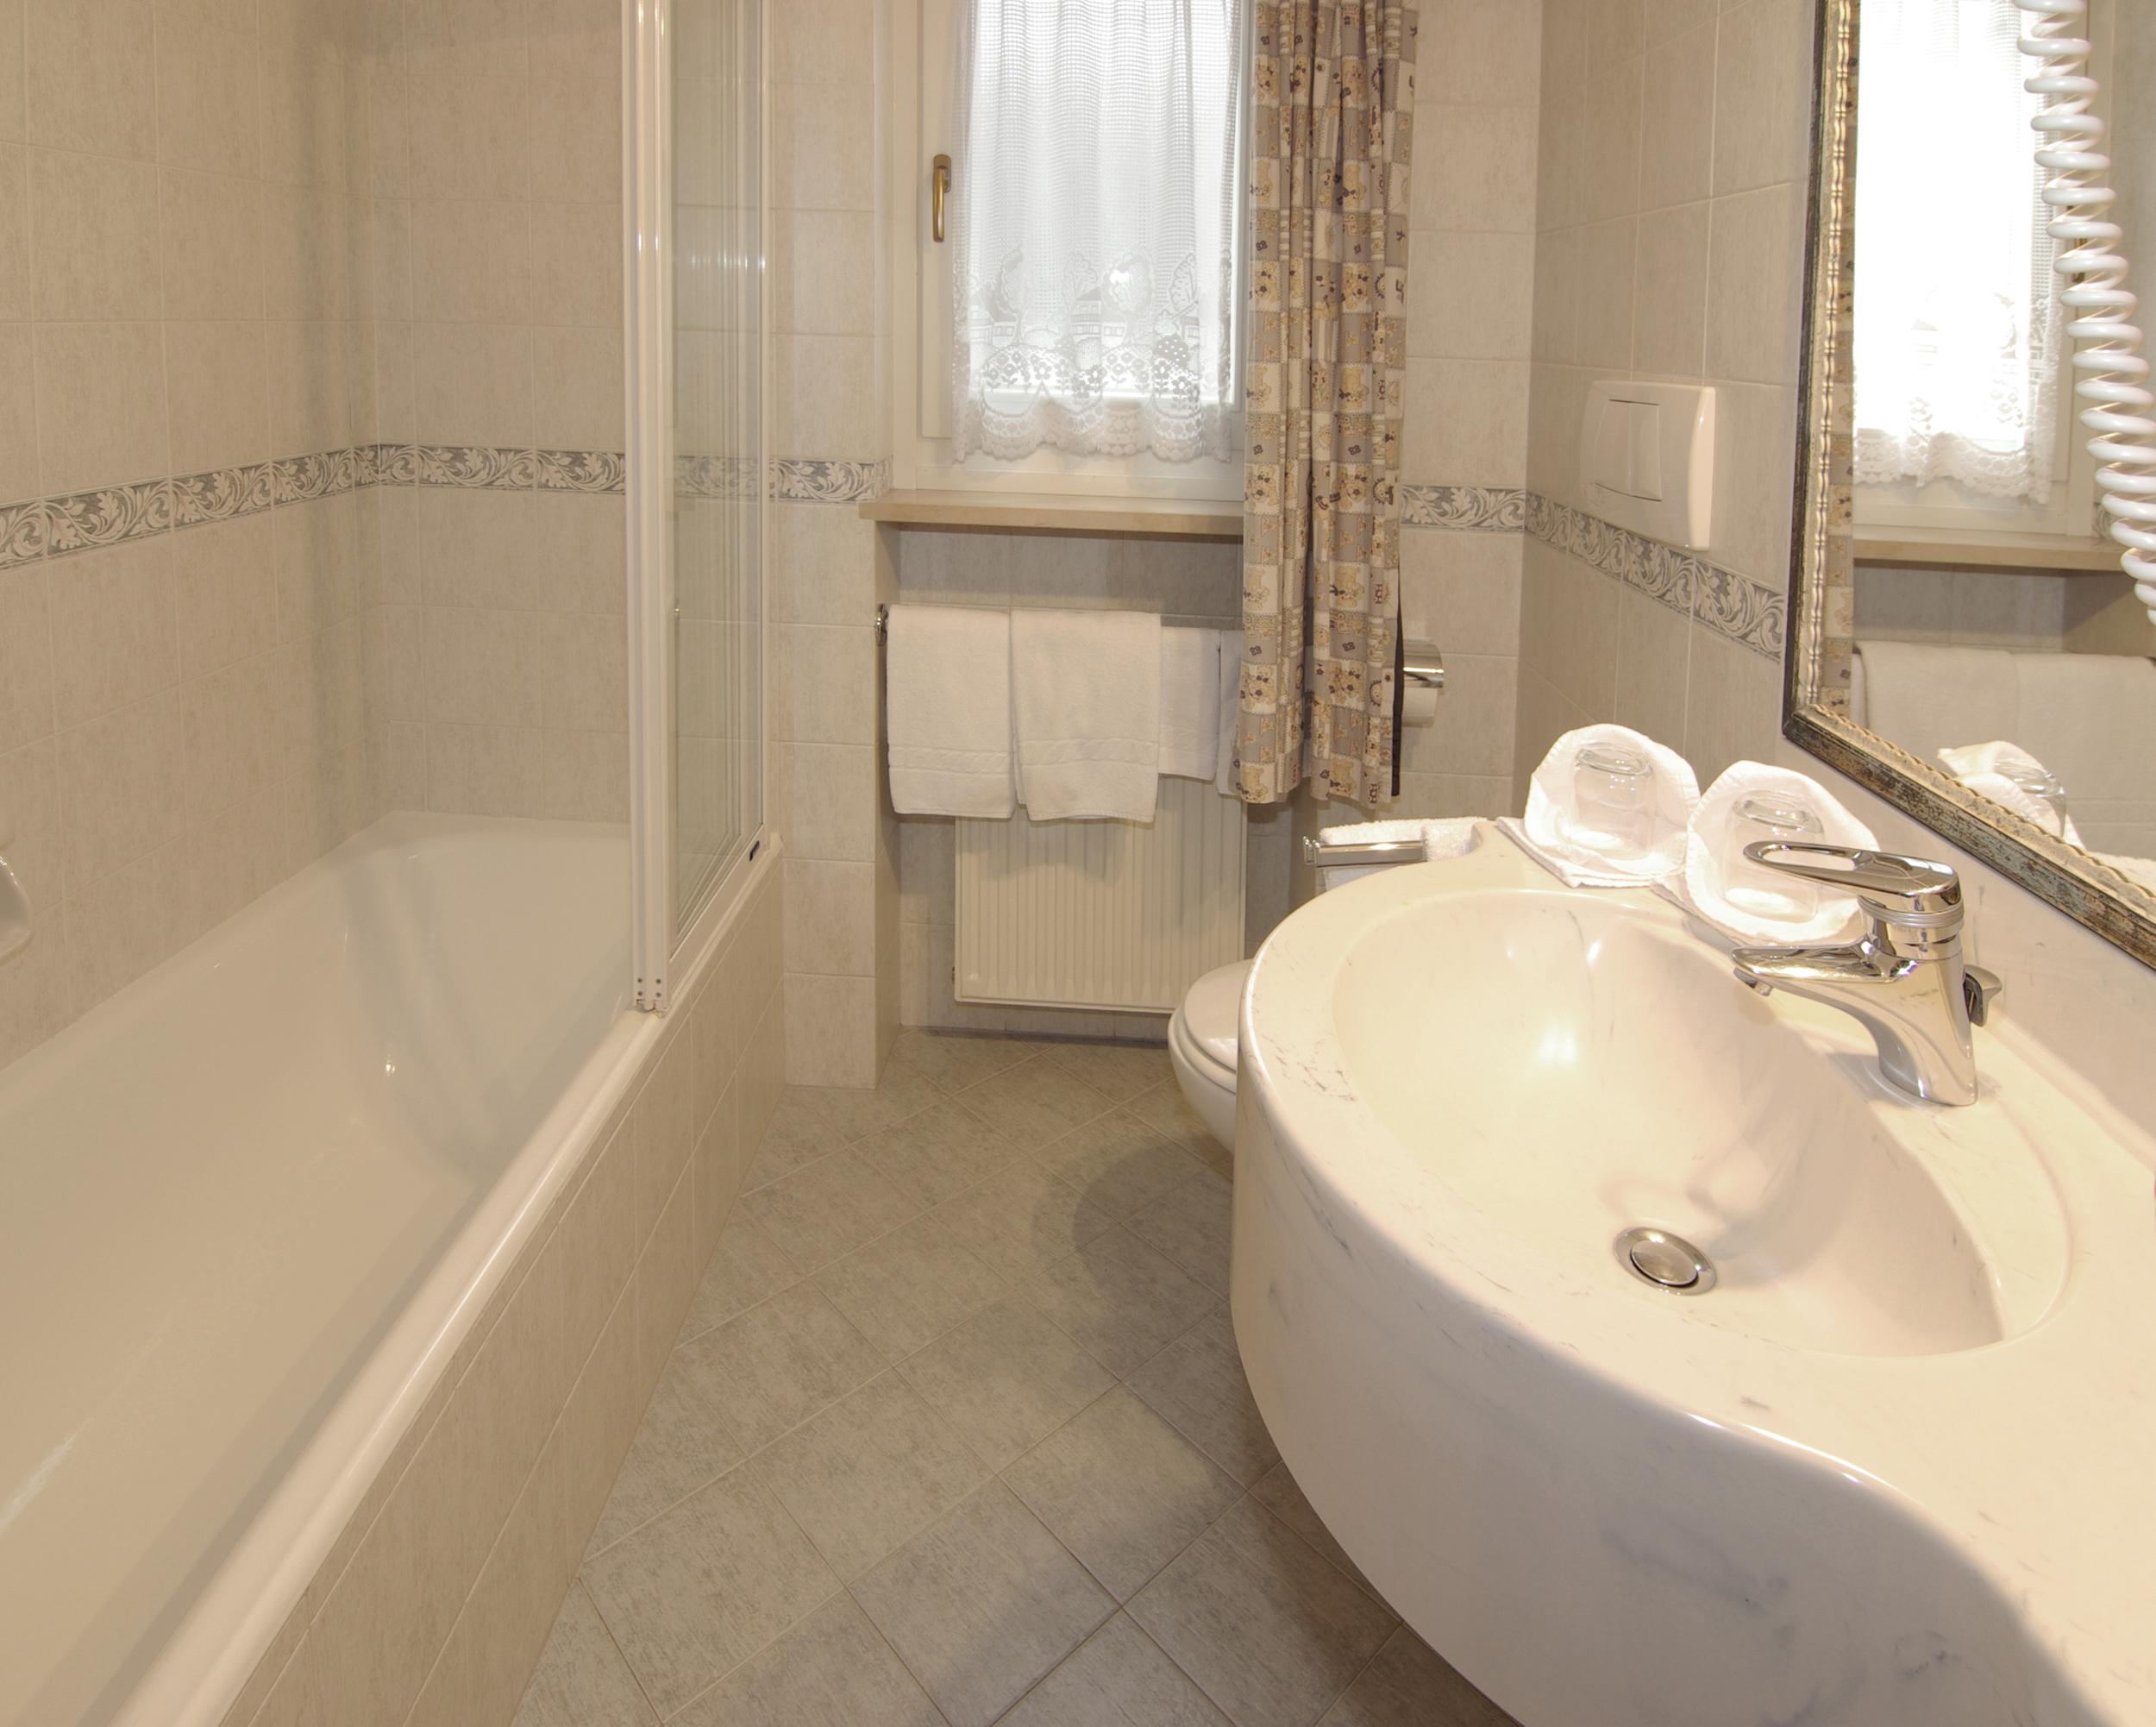 Badezimmer.jpg